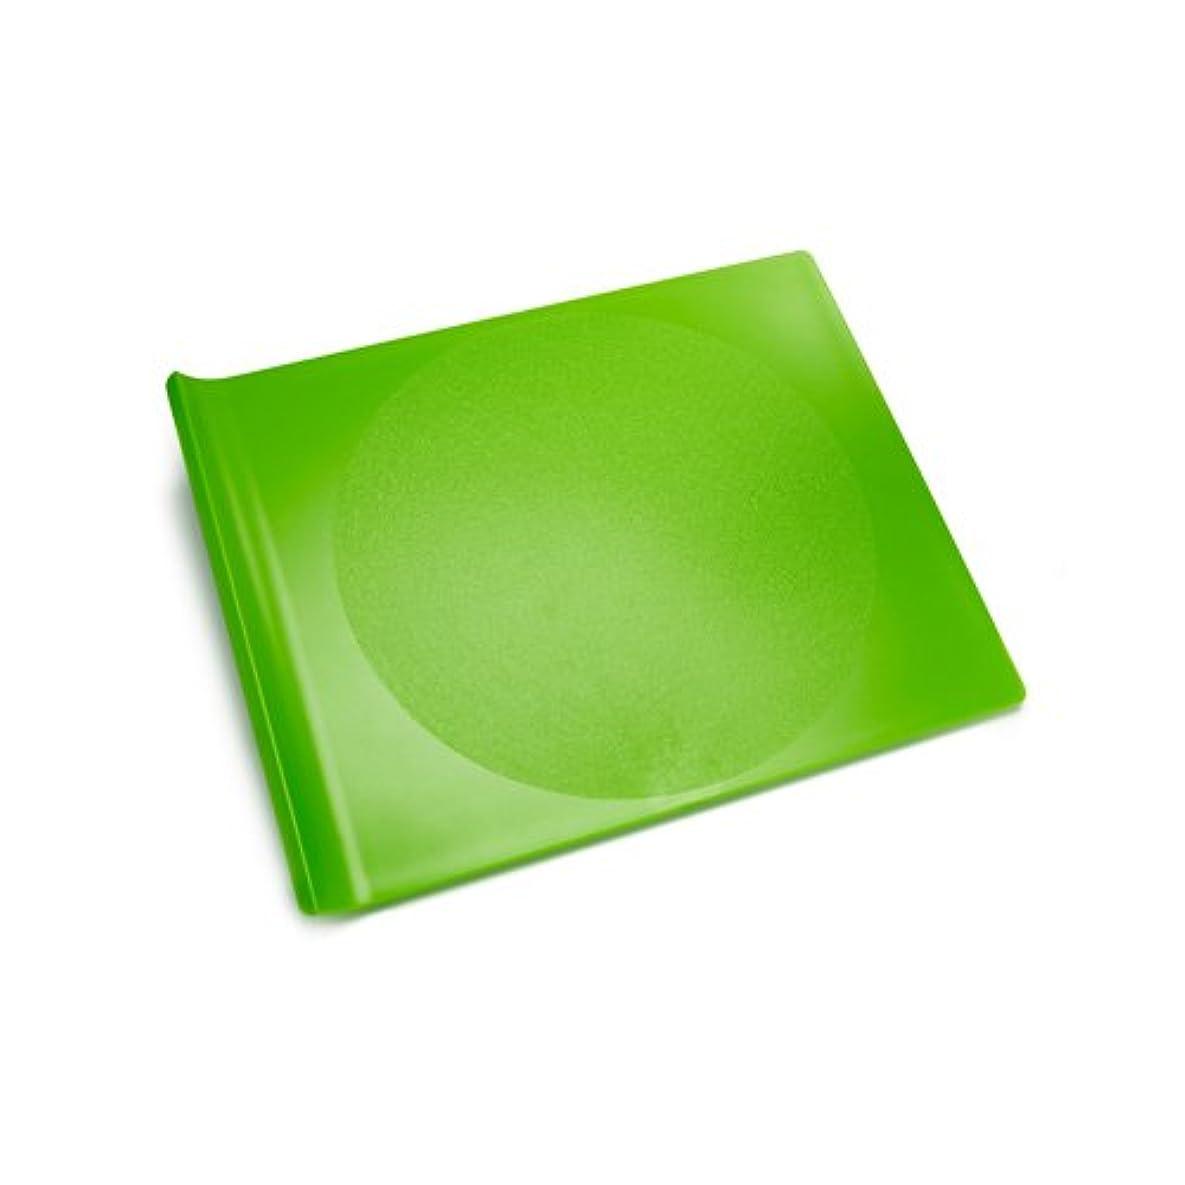 力メンタル礼儀プラスチック、LG、Grn、カットボード、14 x 11の( 4個パック)